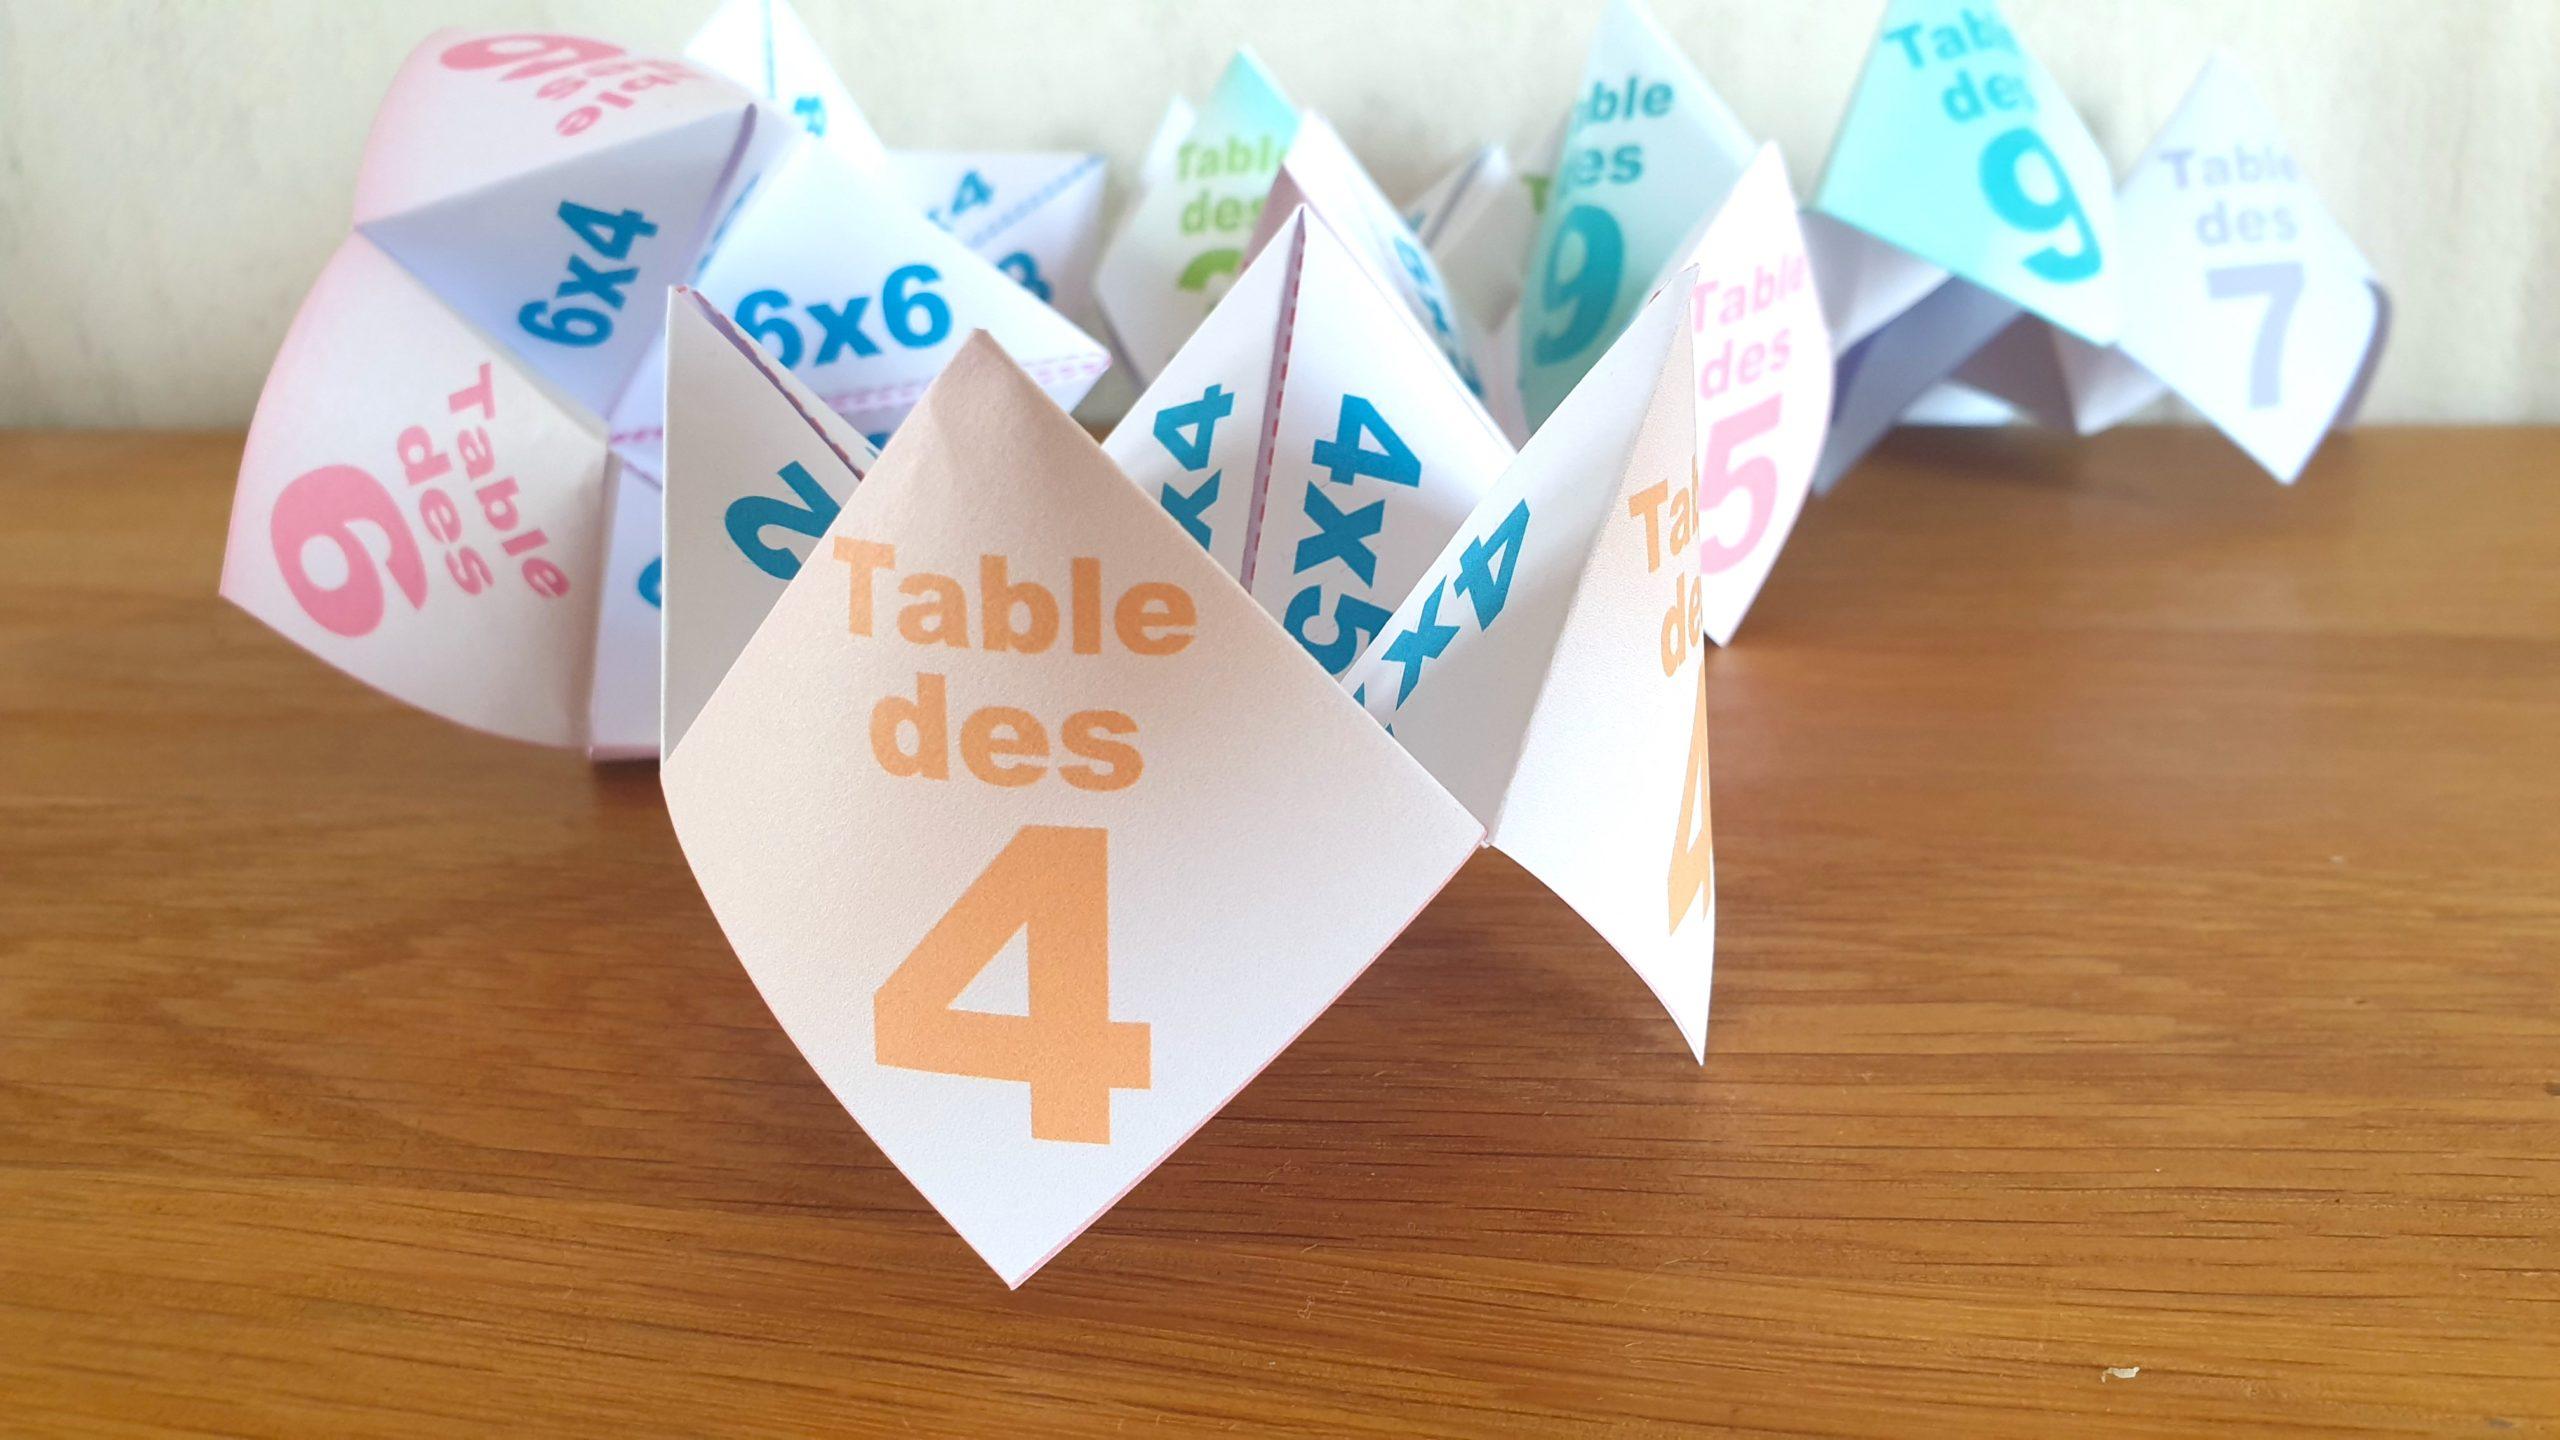 COCOTTE EN PAPIER: TABLE DES 4 (APPRENDRE LES MULTIPLICATIONS)